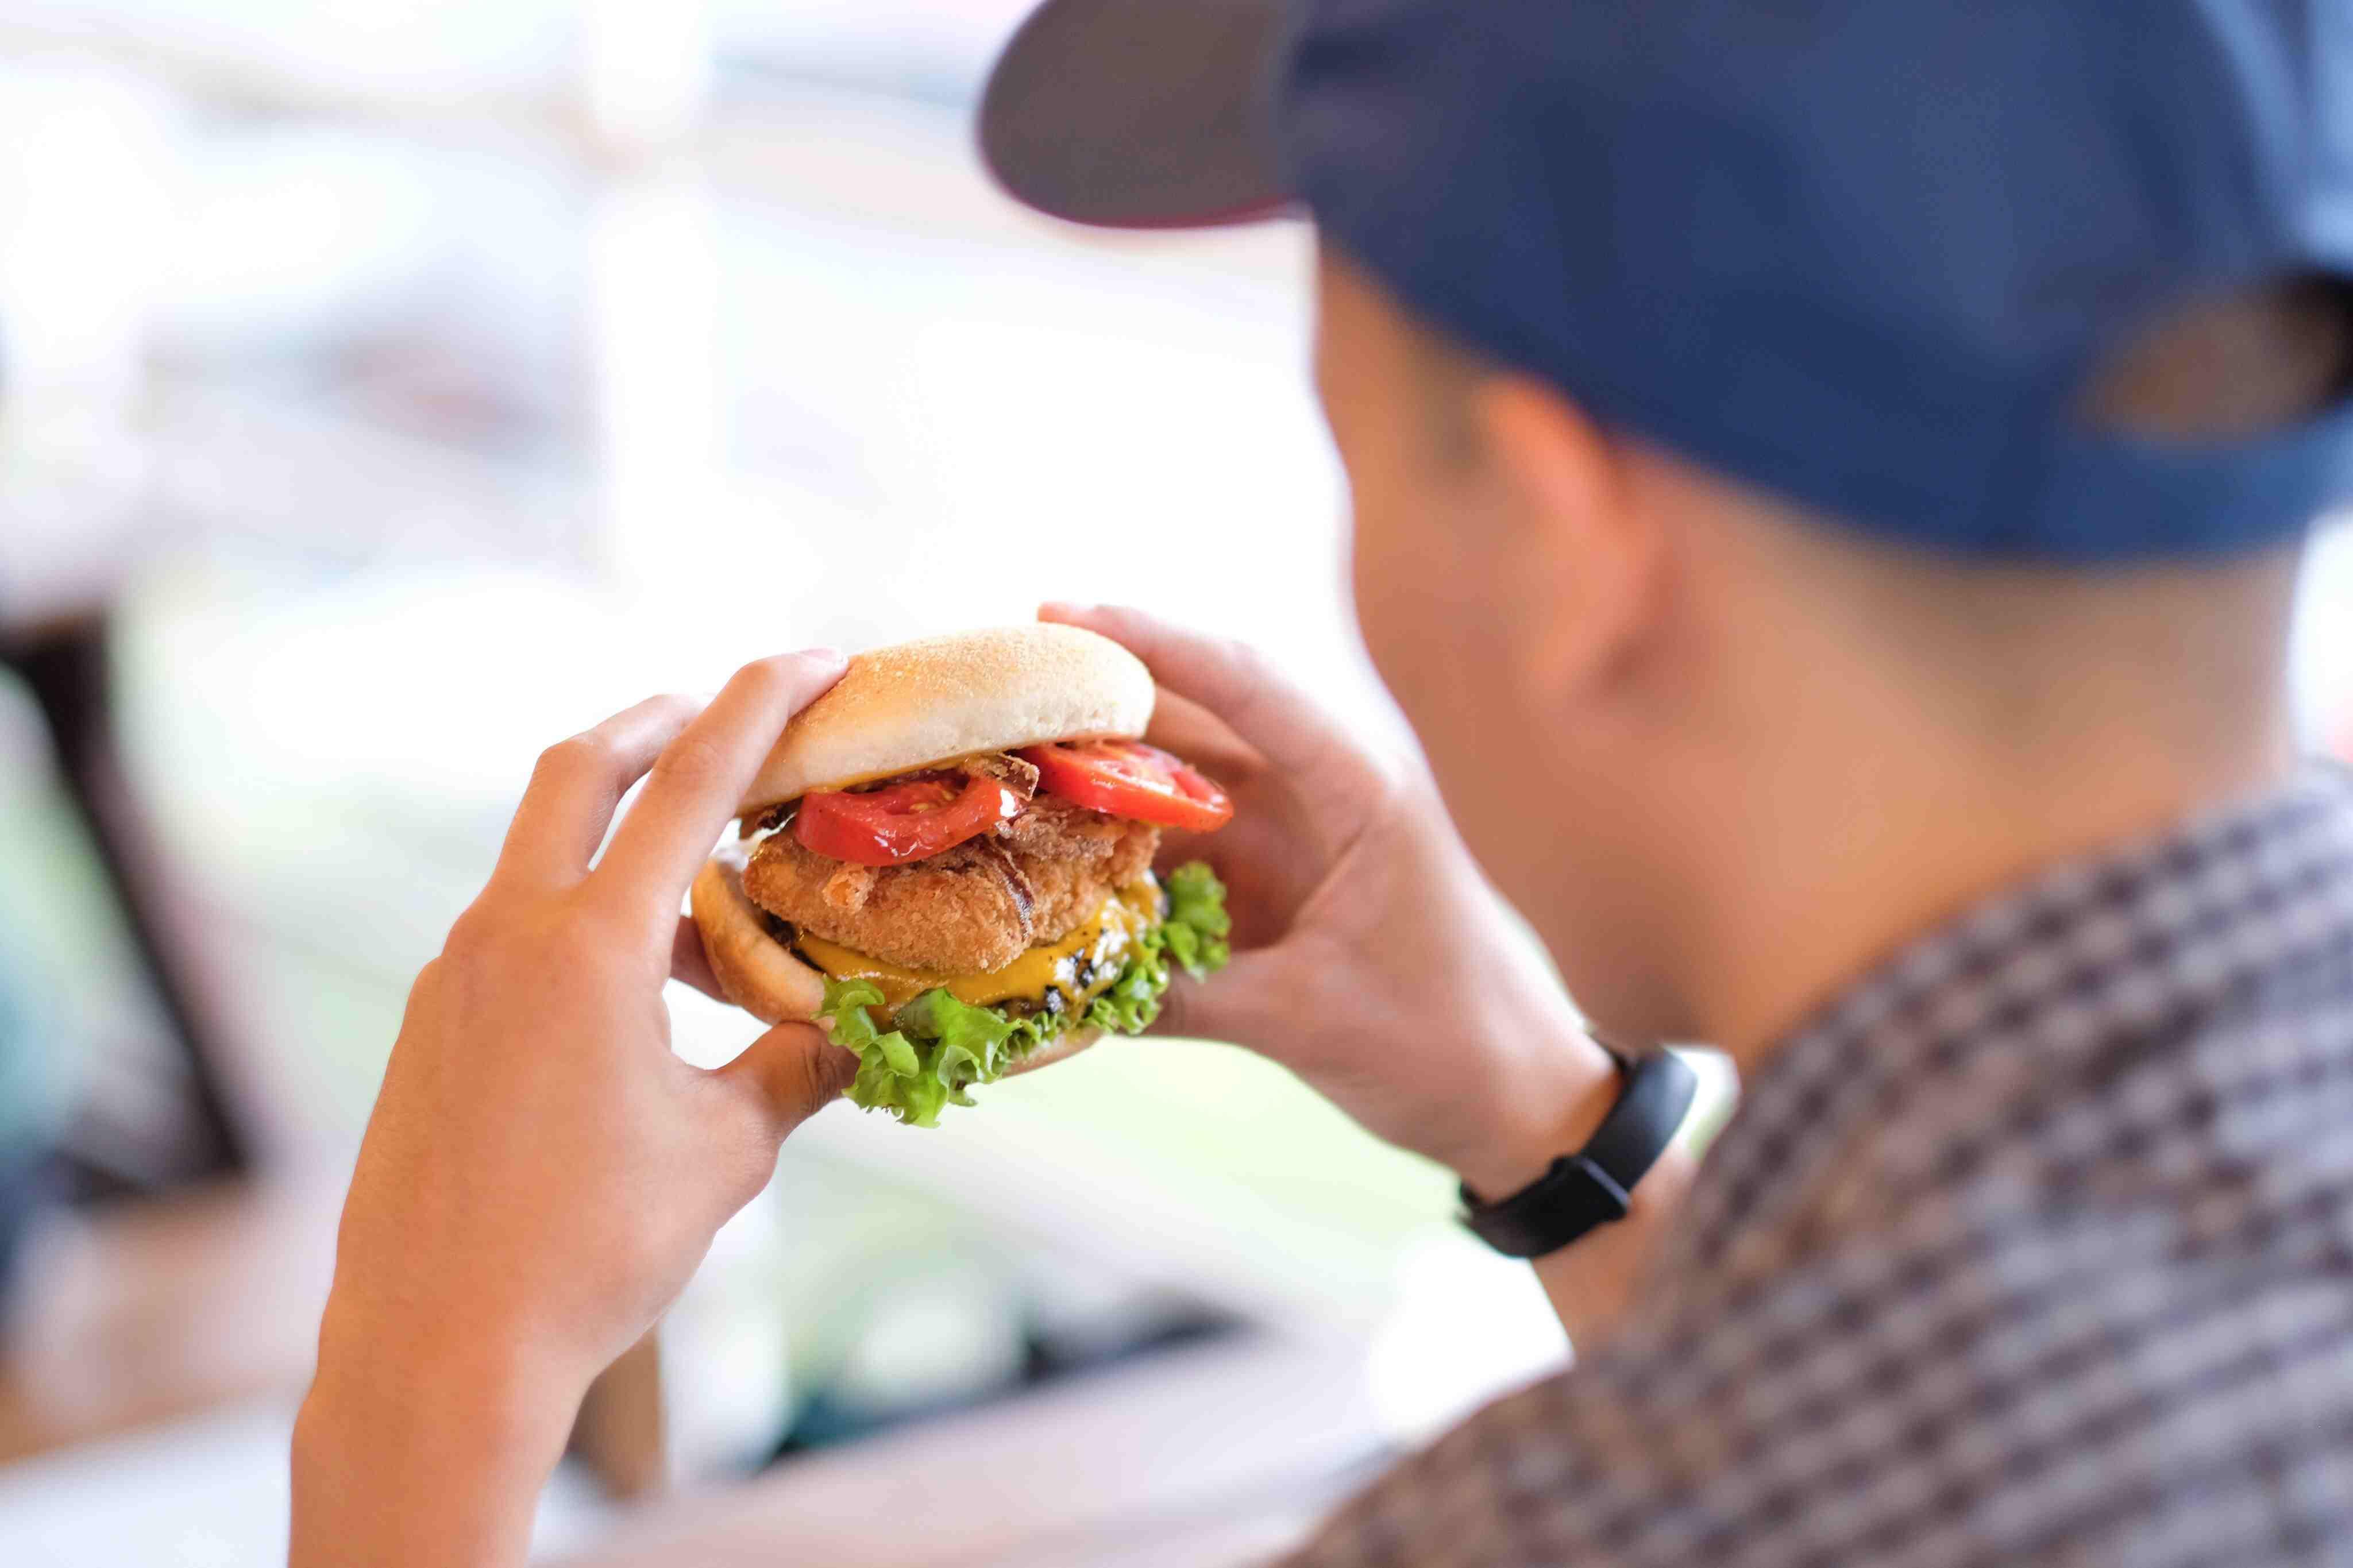 Primer plano del hombre comiendo hamburguesa